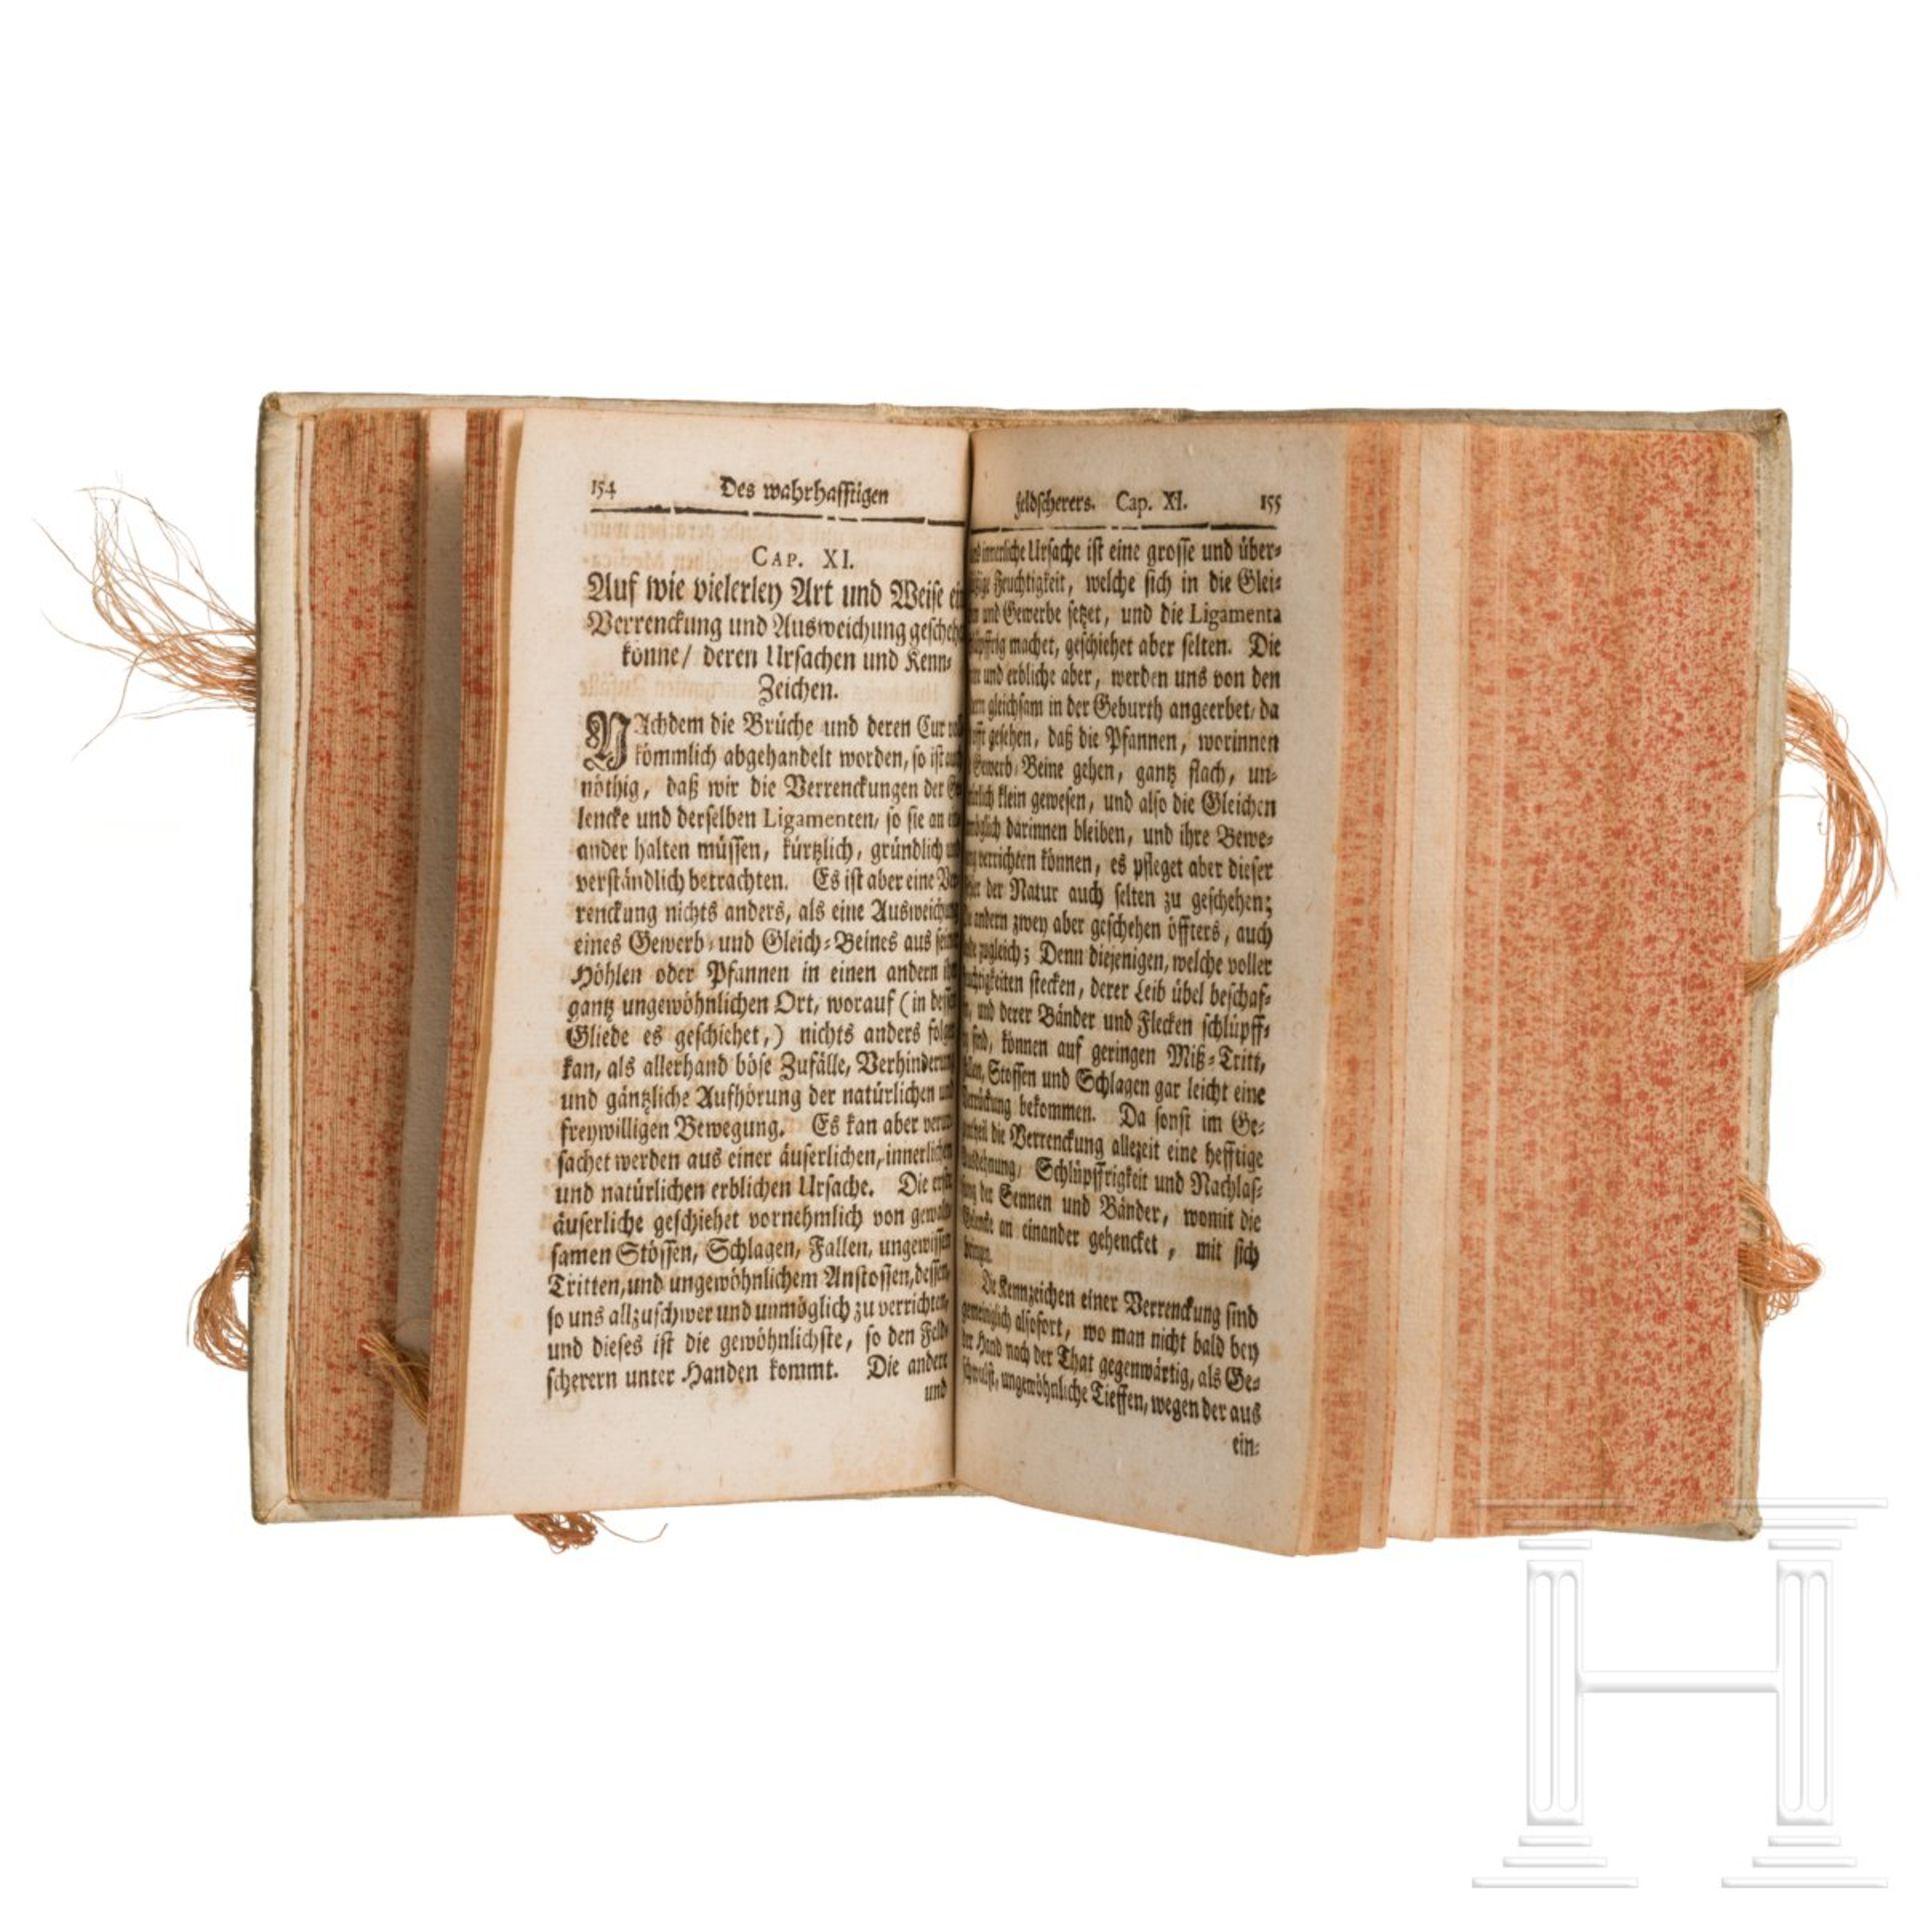 """Purmann, Matthäus G. – """"Der rechte und wahrhafftige Feldscherer"""", Frankfurt, 1721 - Image 3 of 5"""